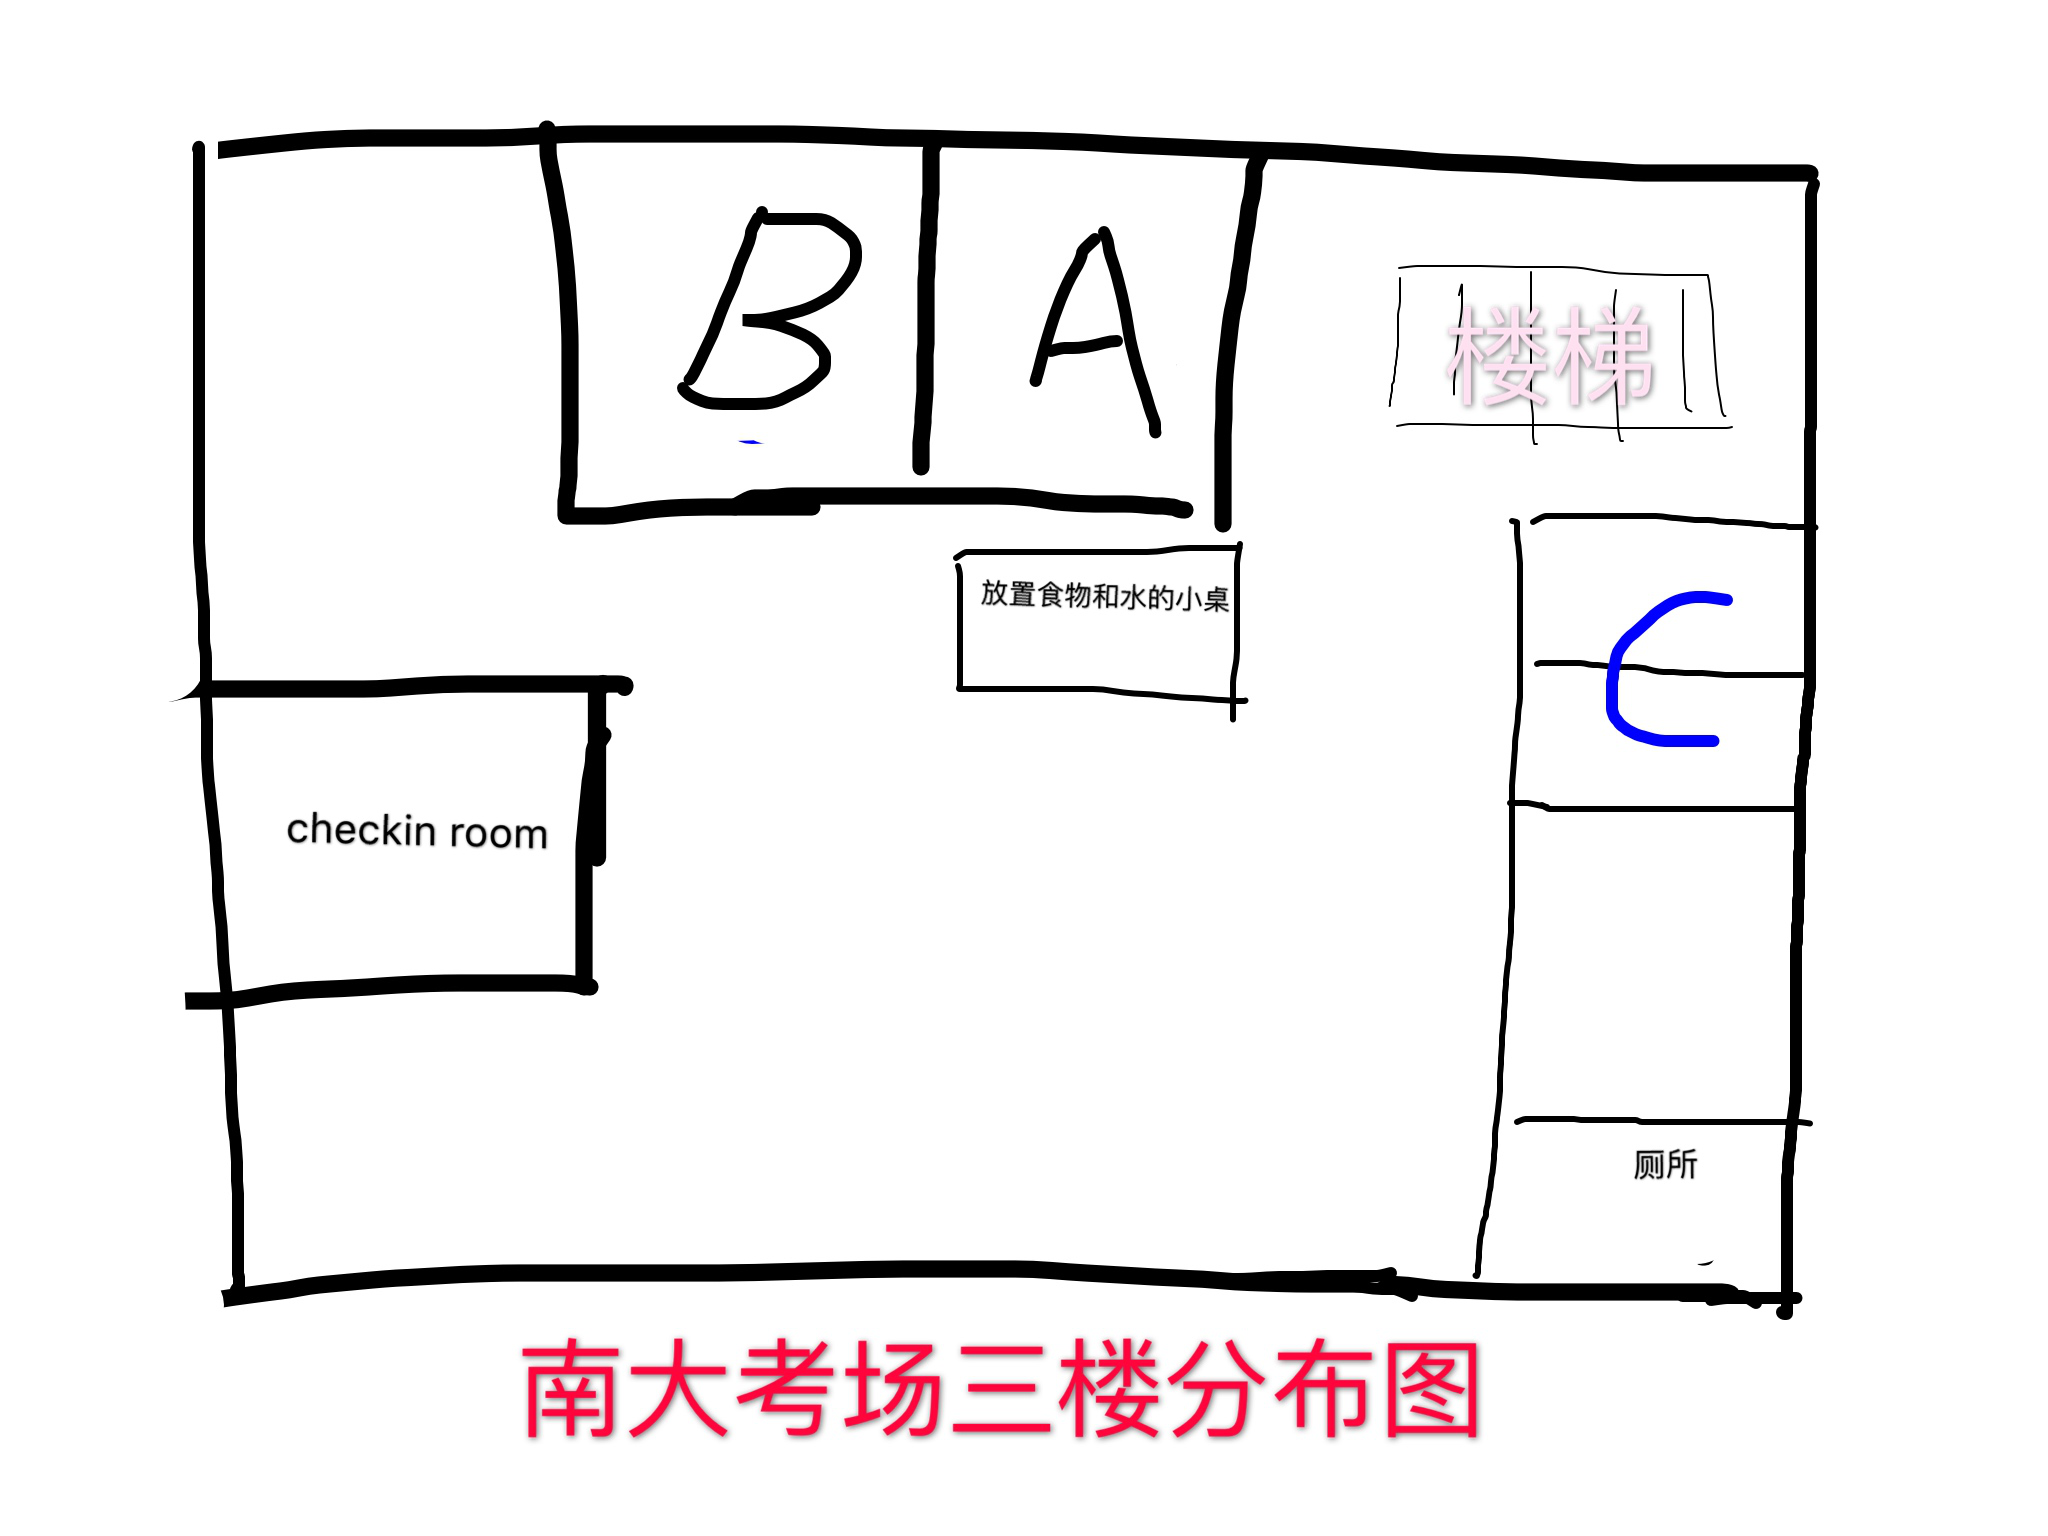 考场内部分布图